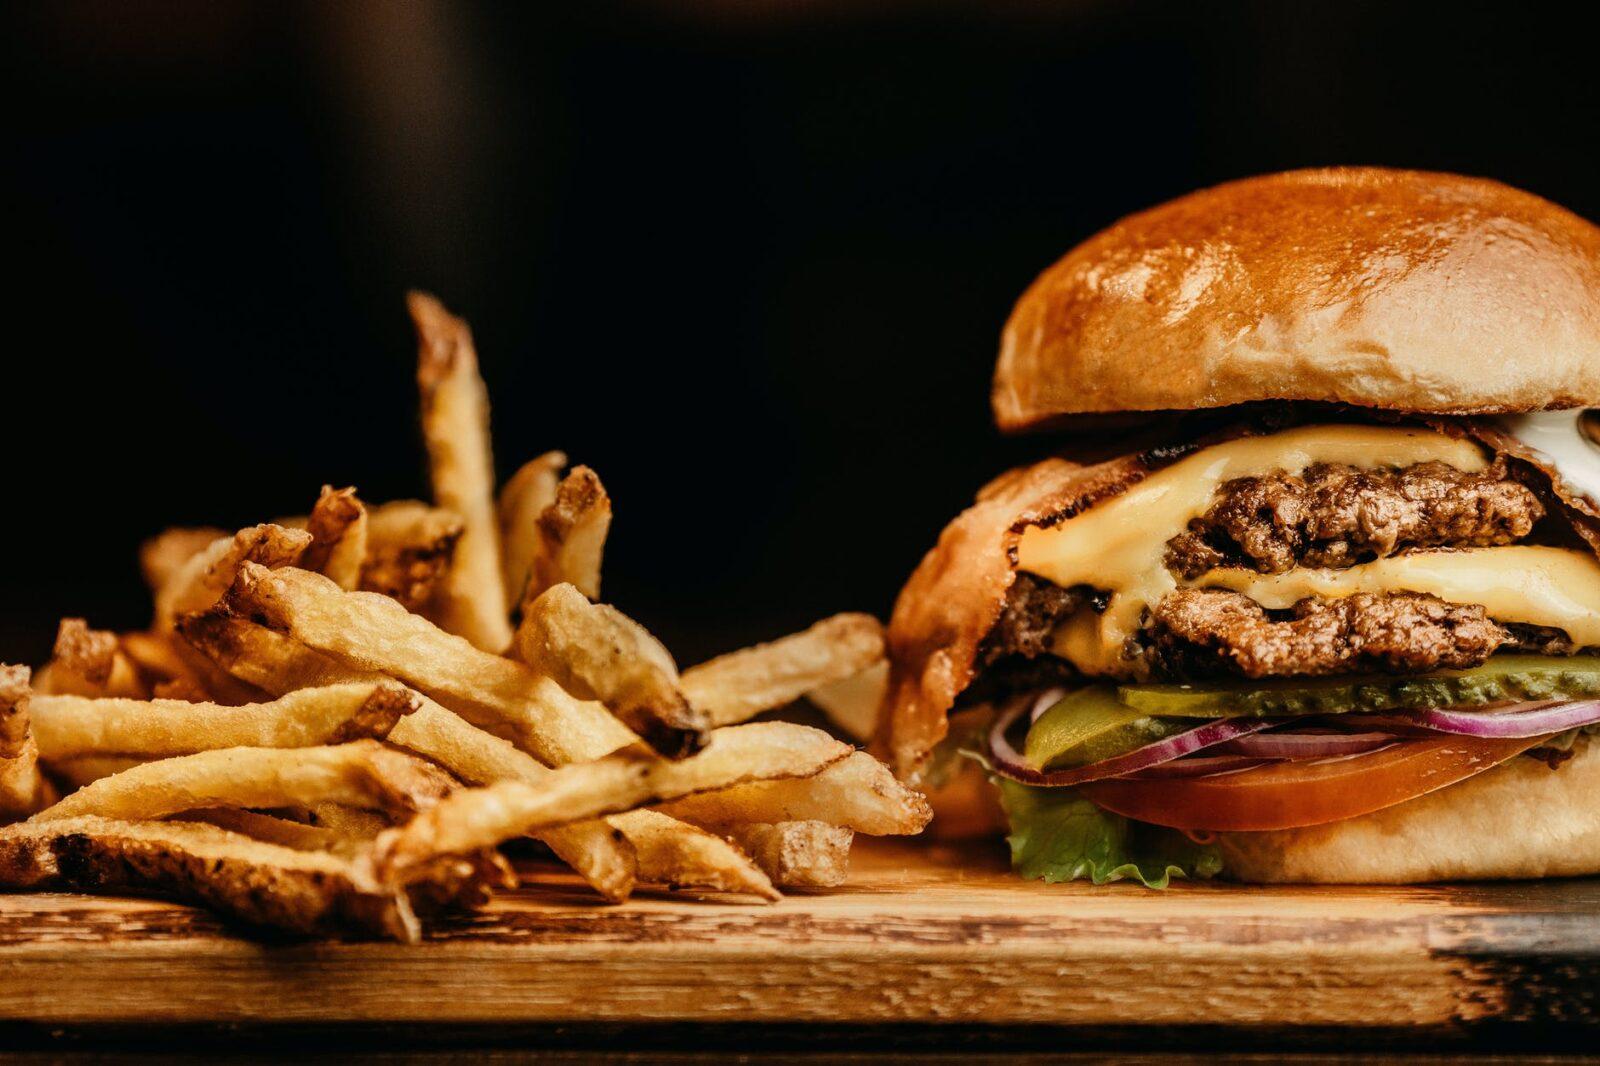 Bahaya makanan yang mengandung asam lemak trans